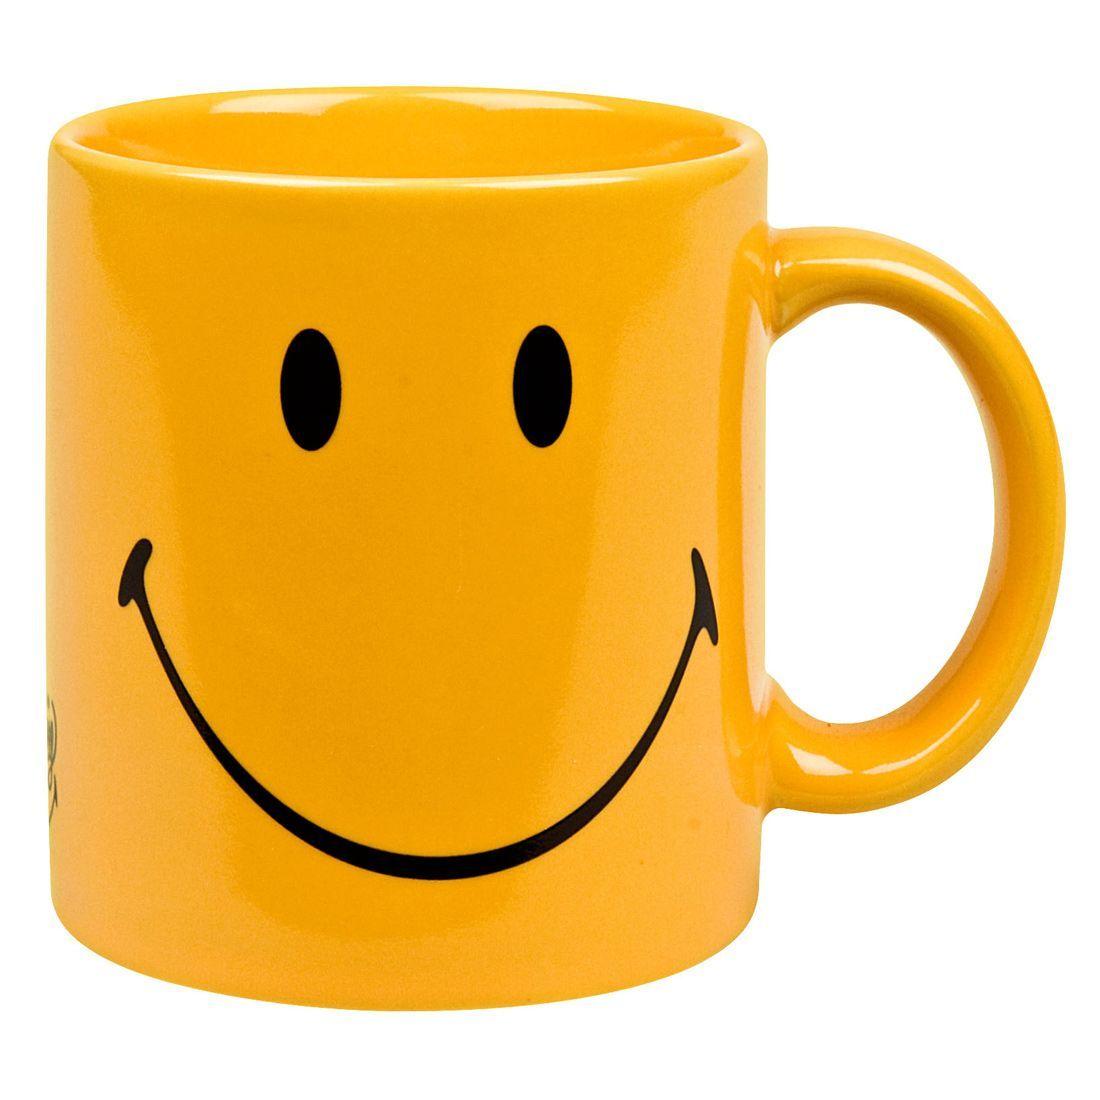 Smiley Face Coffee Mug Waechtersbach Smiley Face Mugs Set Of 4 By Waechtersbach